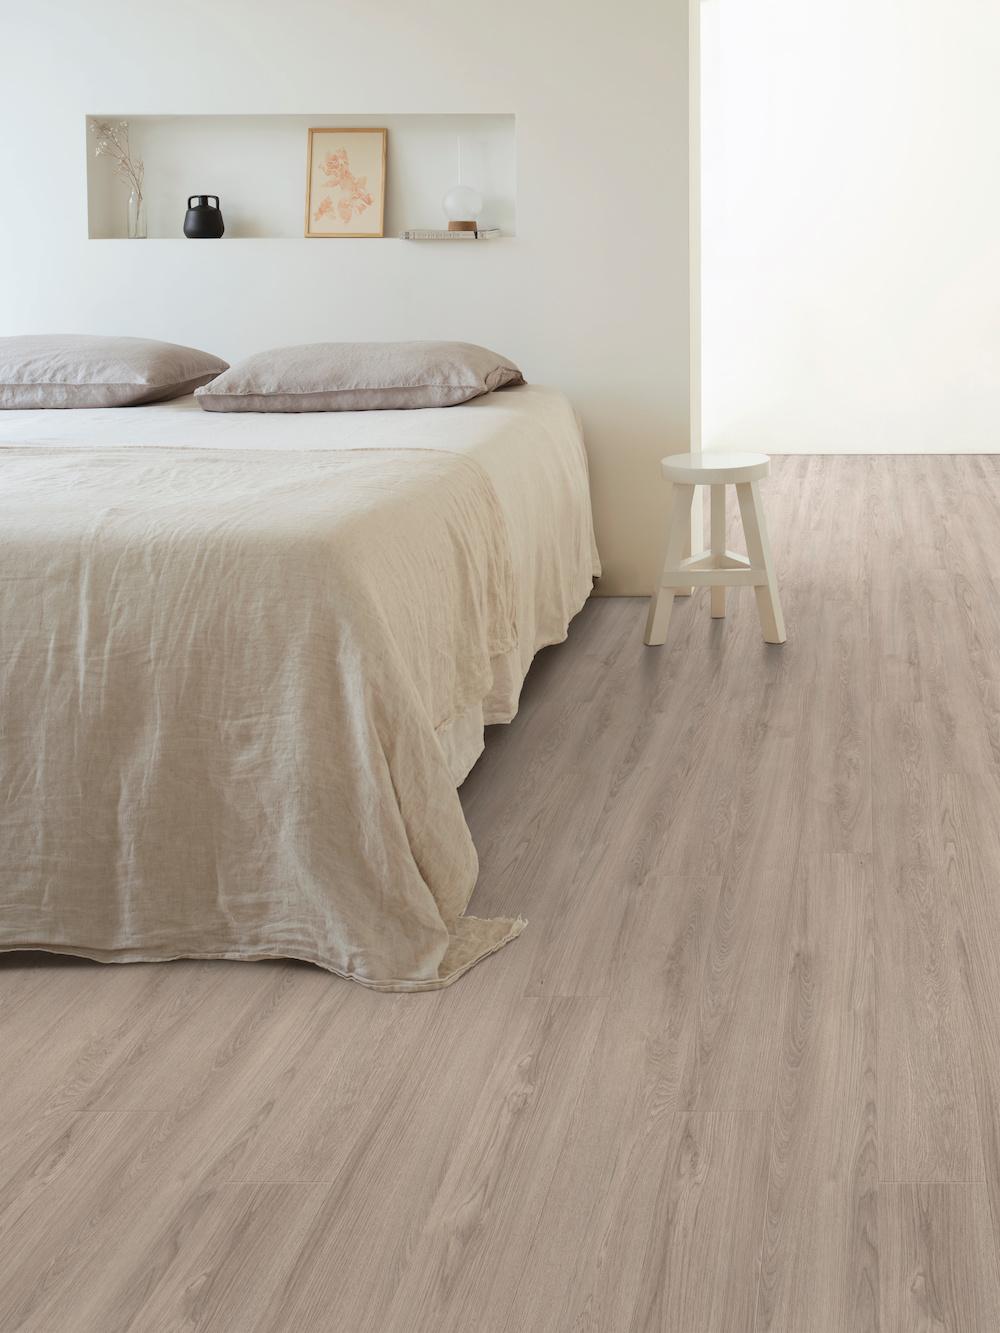 Maak van je slaapkamer en rustige ruimte om helemaal tot rust te komen #slaapkamer #inspiratie #rust #wit #vloer #moduleo